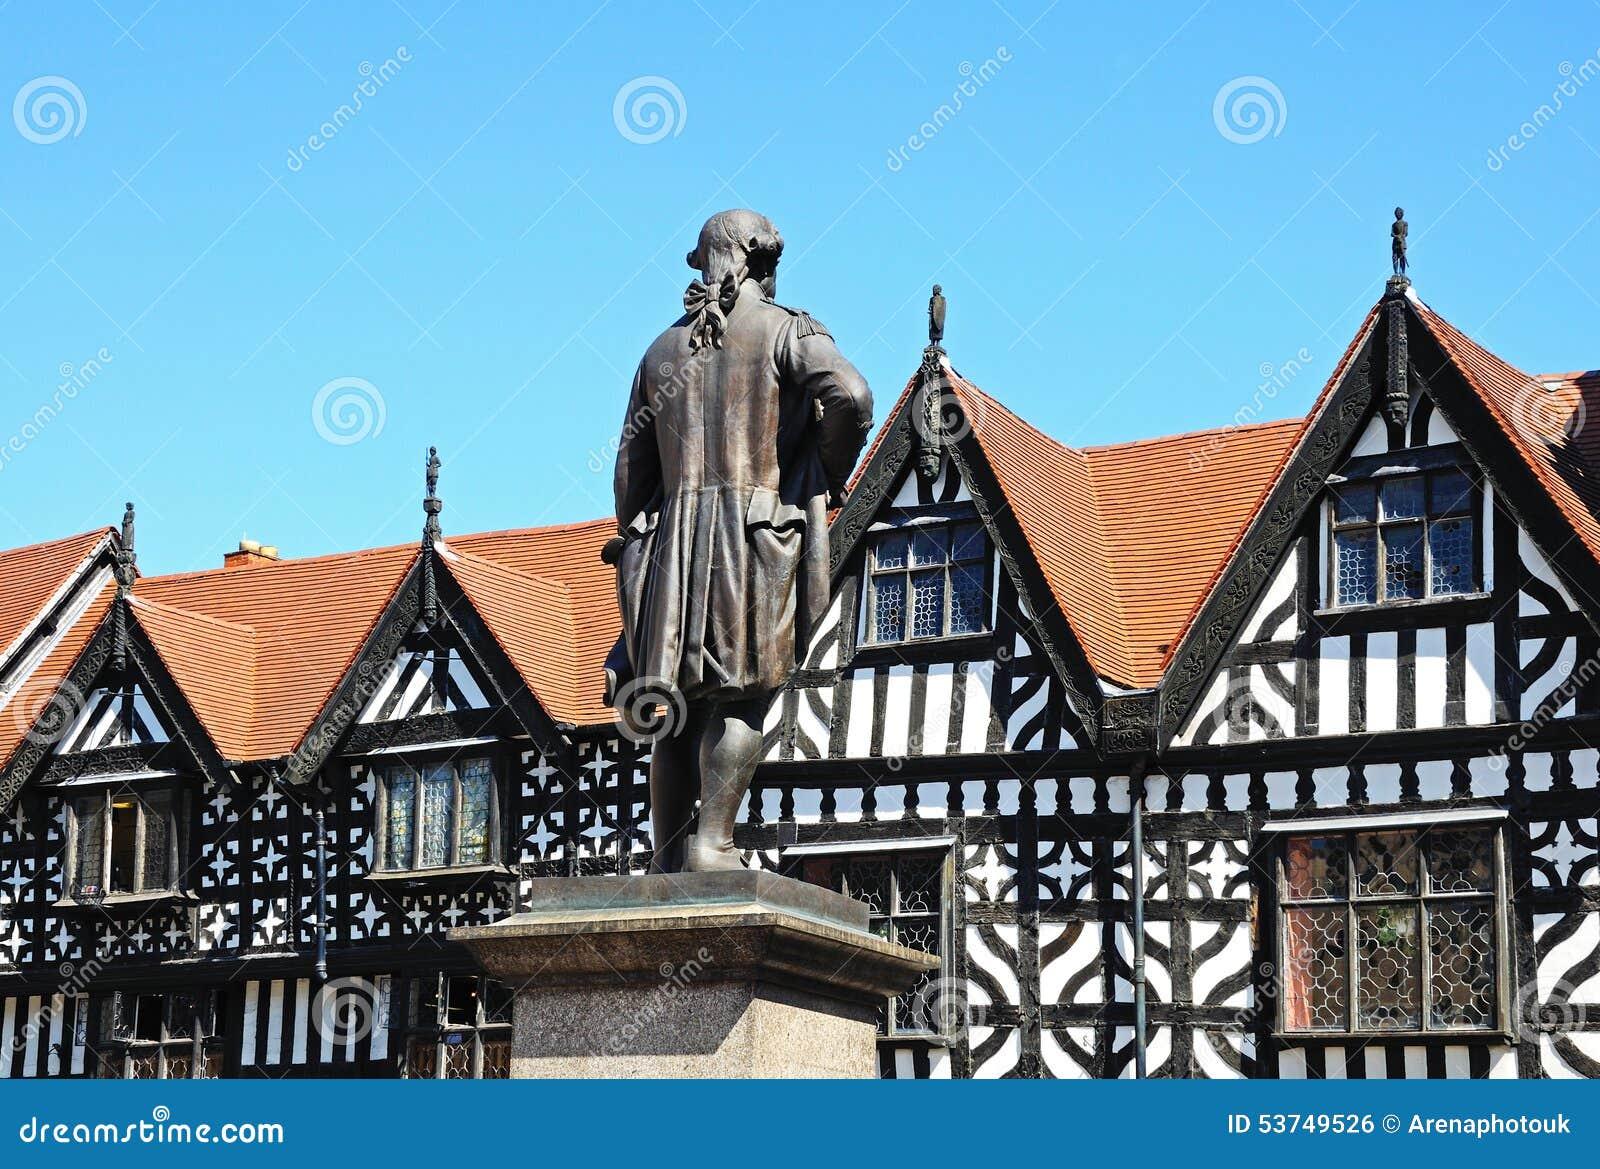 Clive of India Statue, Shrewsbury.